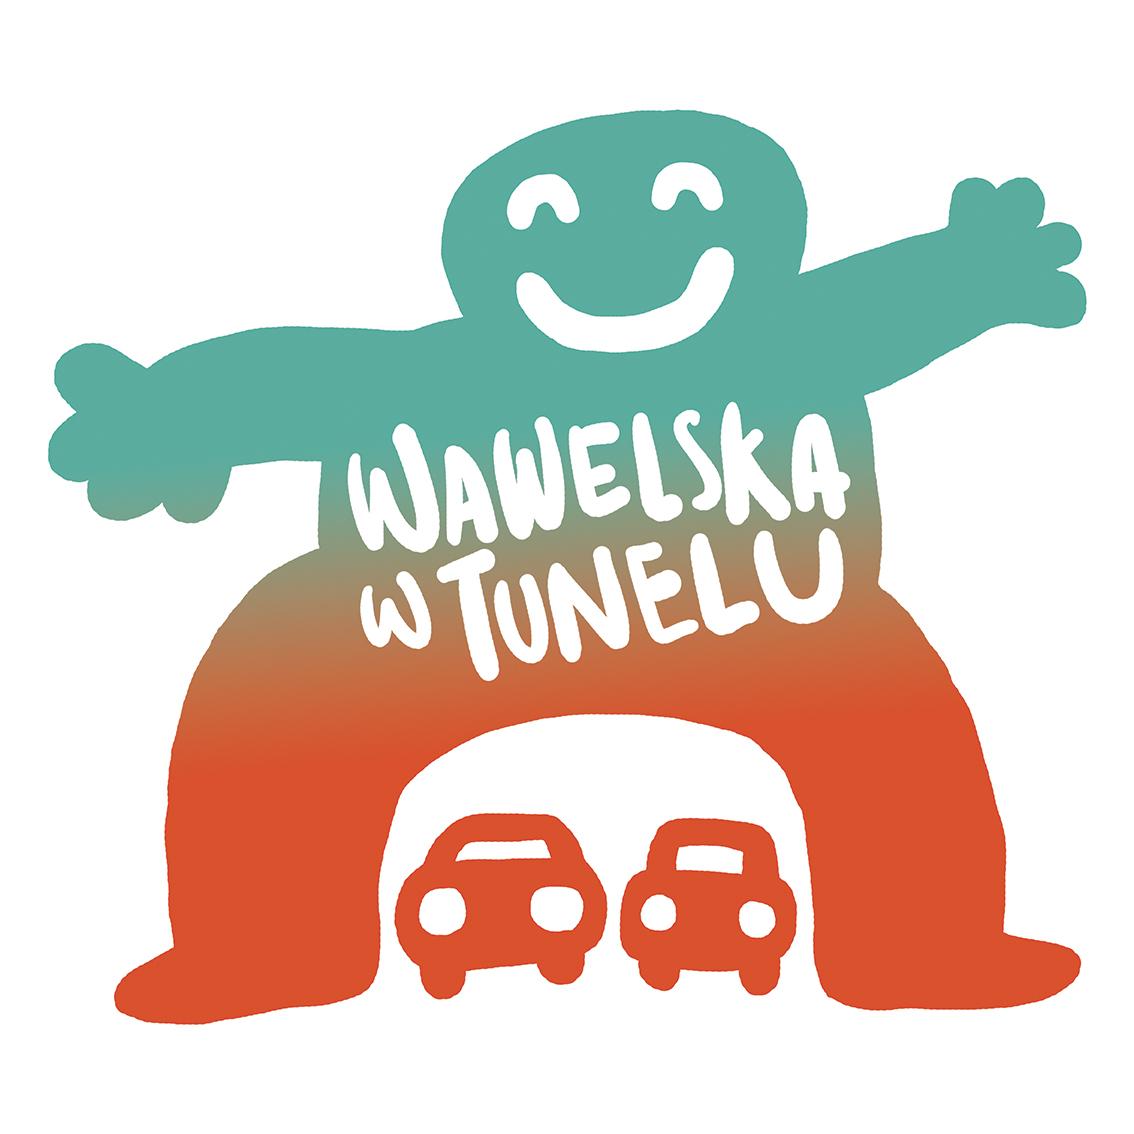 wawelska+w+tunelu+logo.jpg.